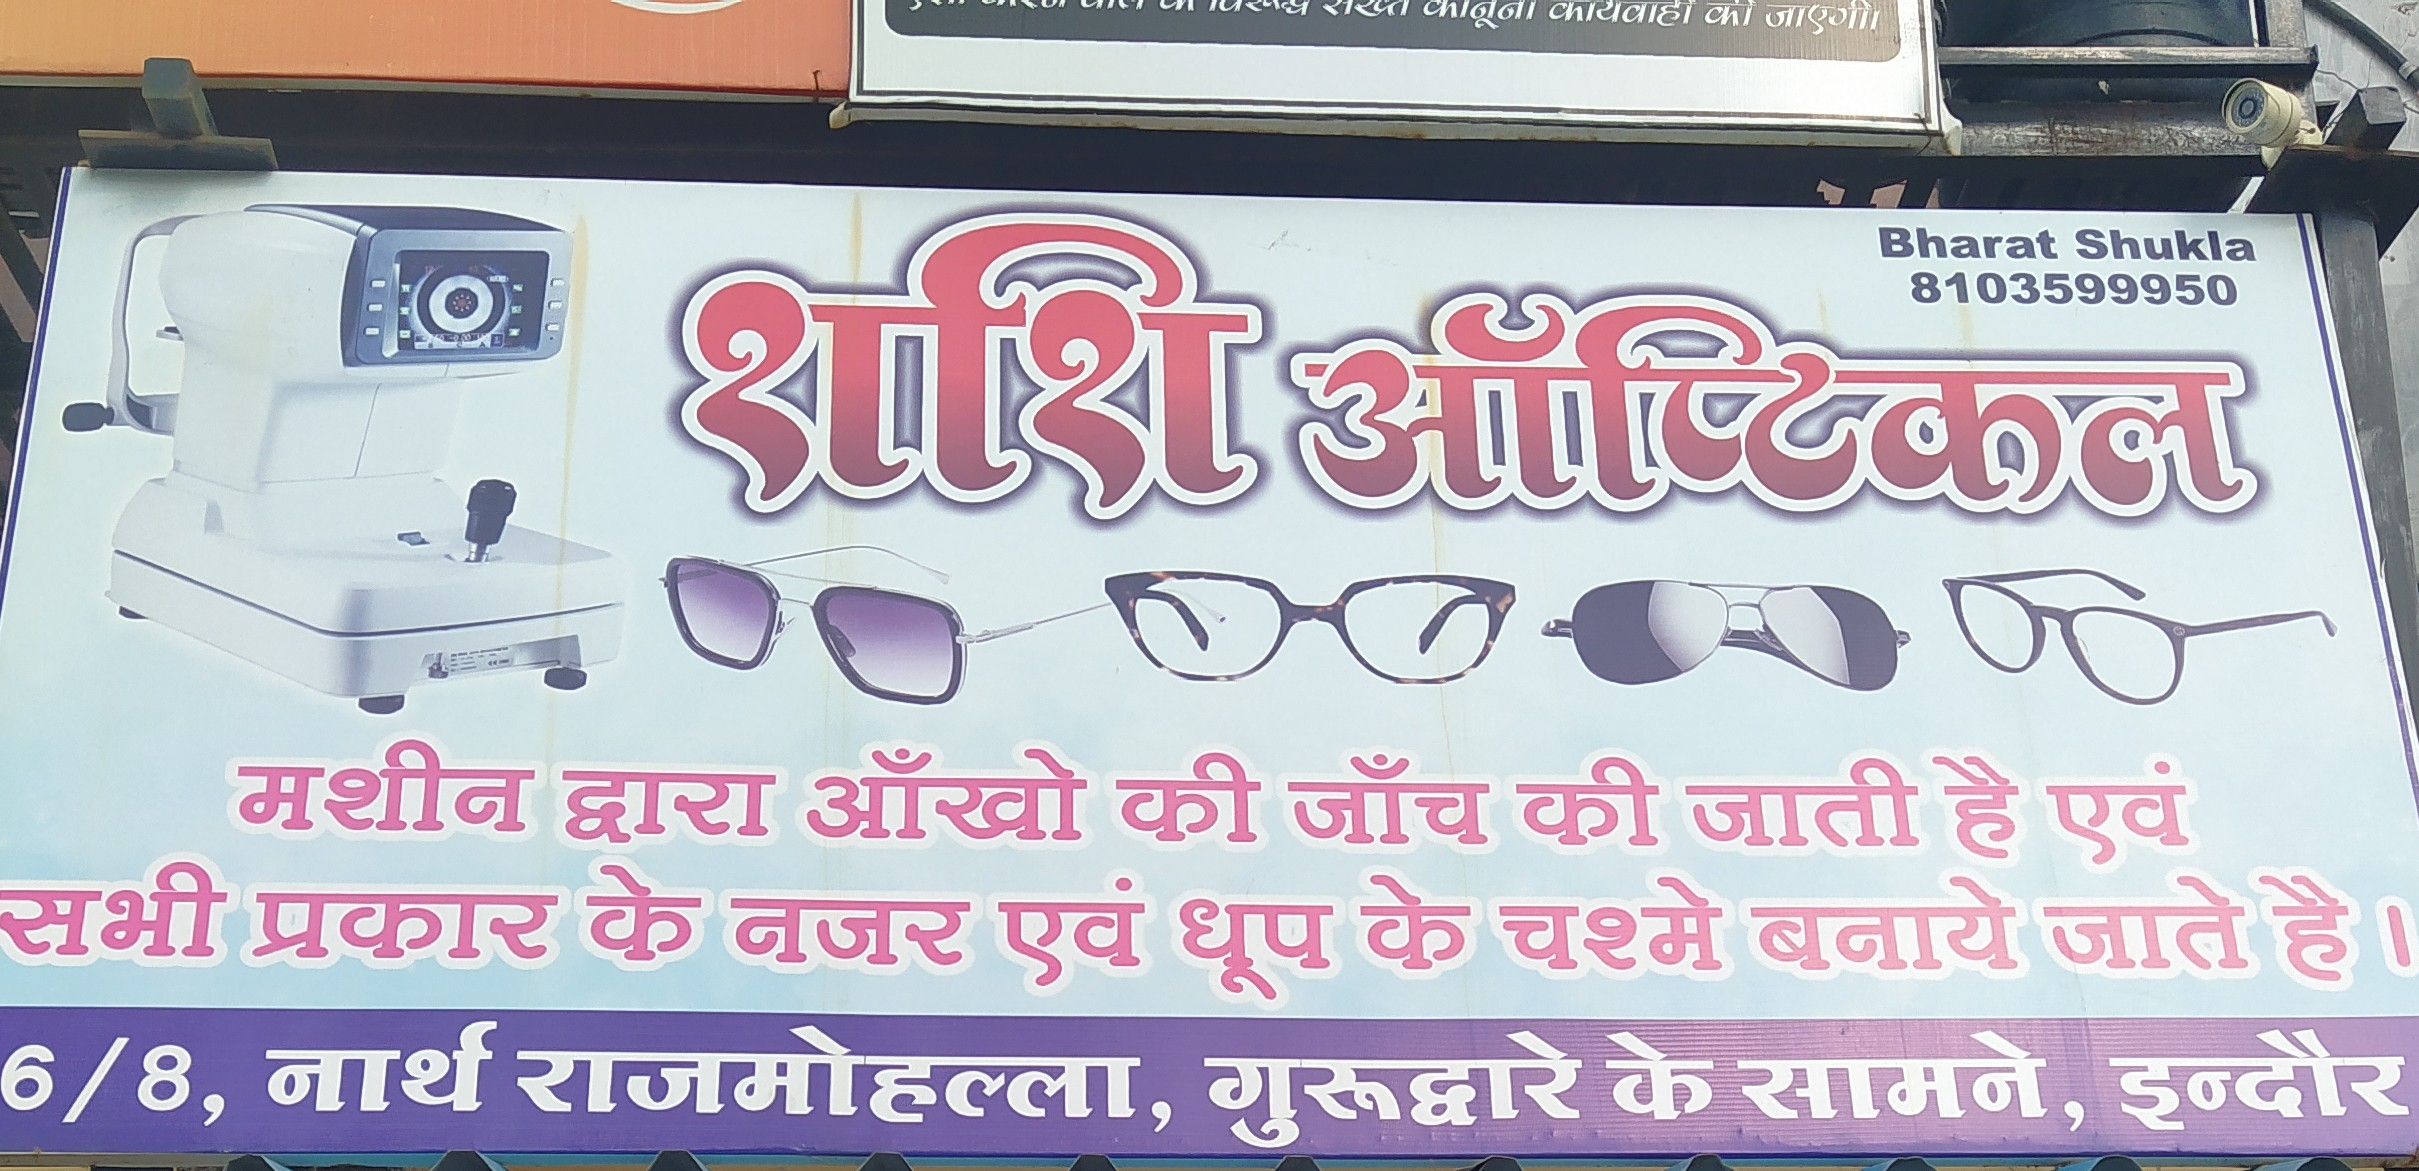 Shashi optical